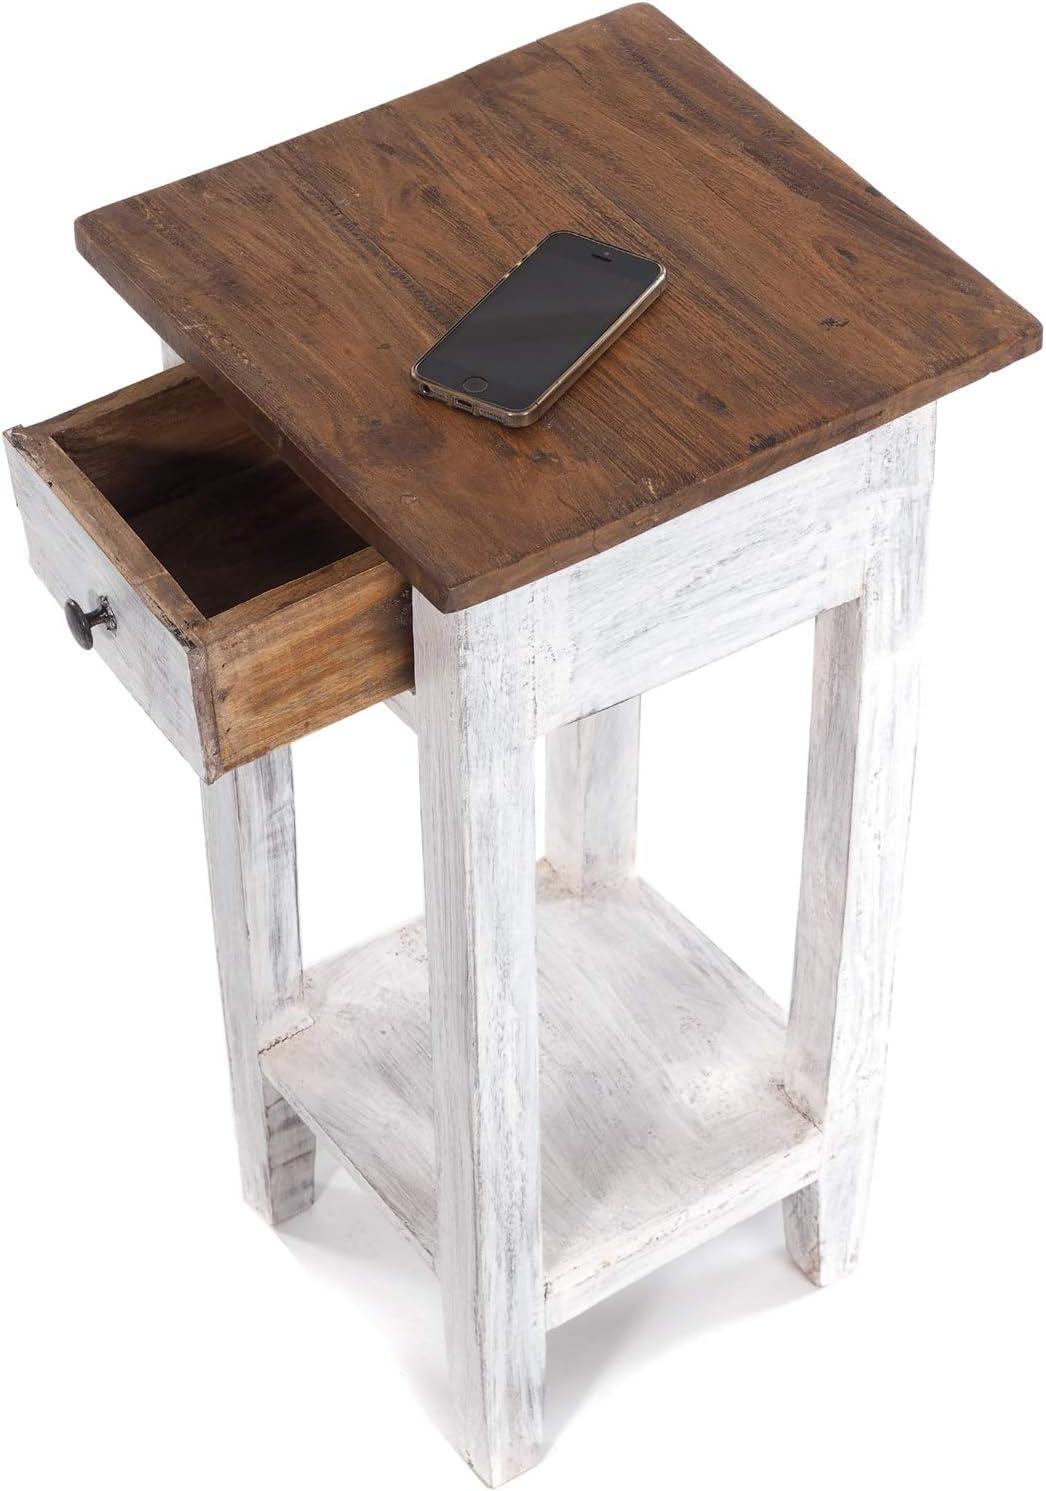 Stile Shabby A x L x P Tavolino Vintage in Legno di Mogano Riciclato DESIGN DELIGHTS Drawer 65 65 x 31 x 31 cm